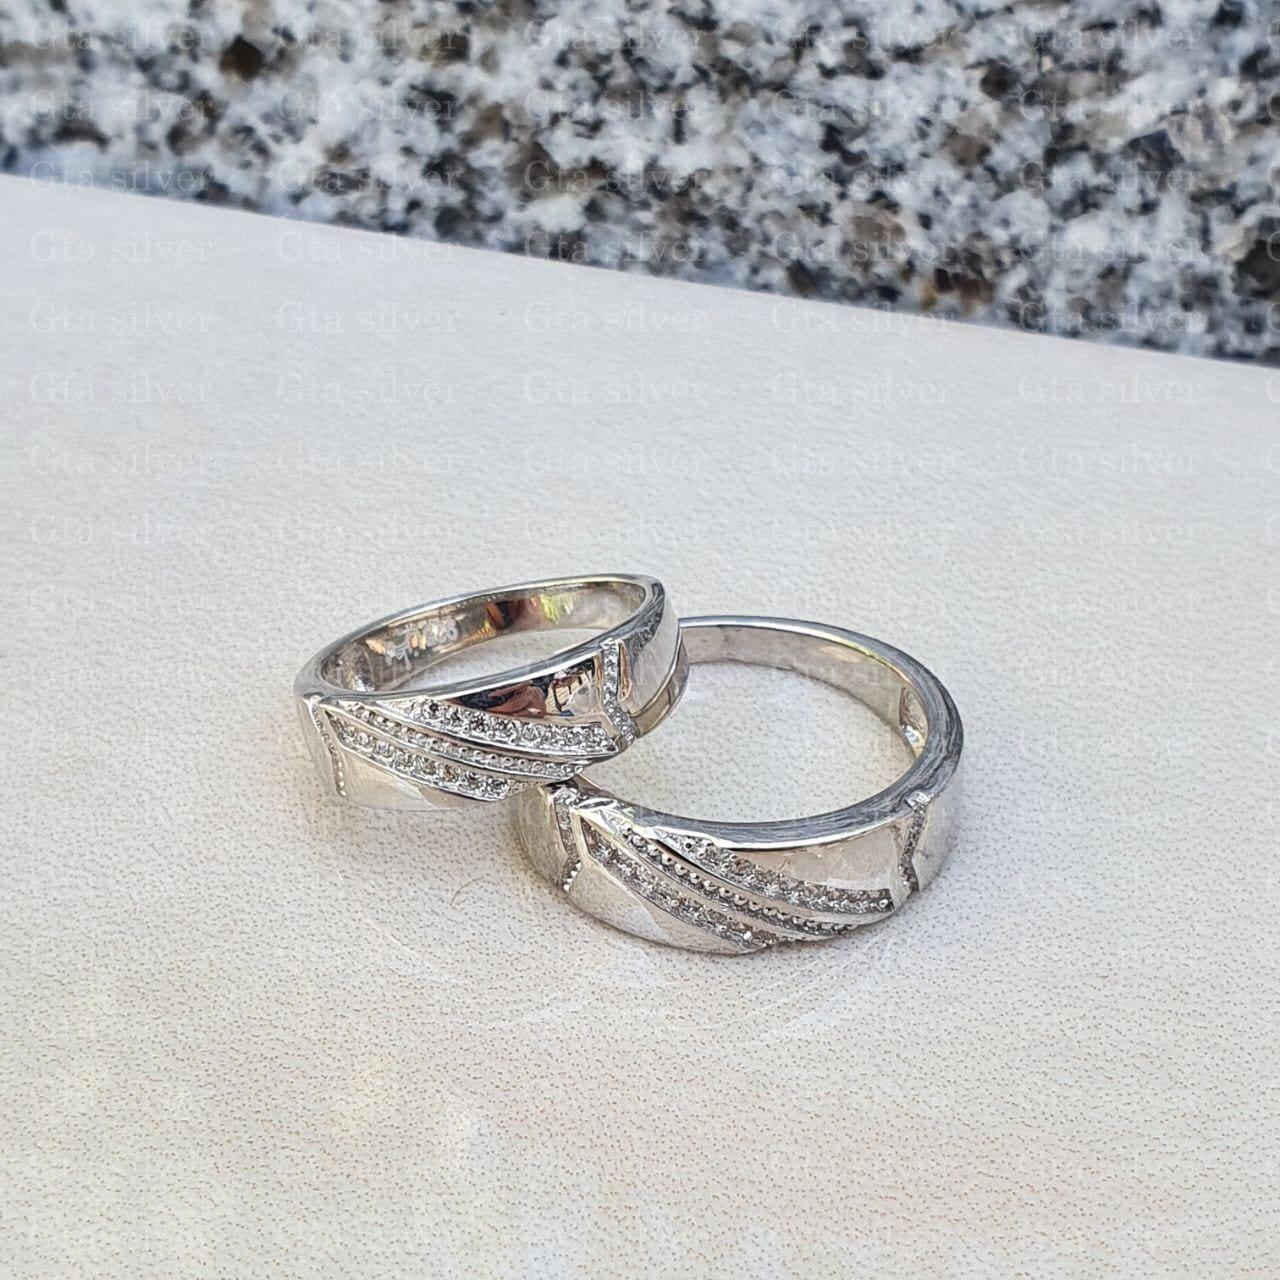 ست حلقه ازدواج وزن 7 گرم مدل 37